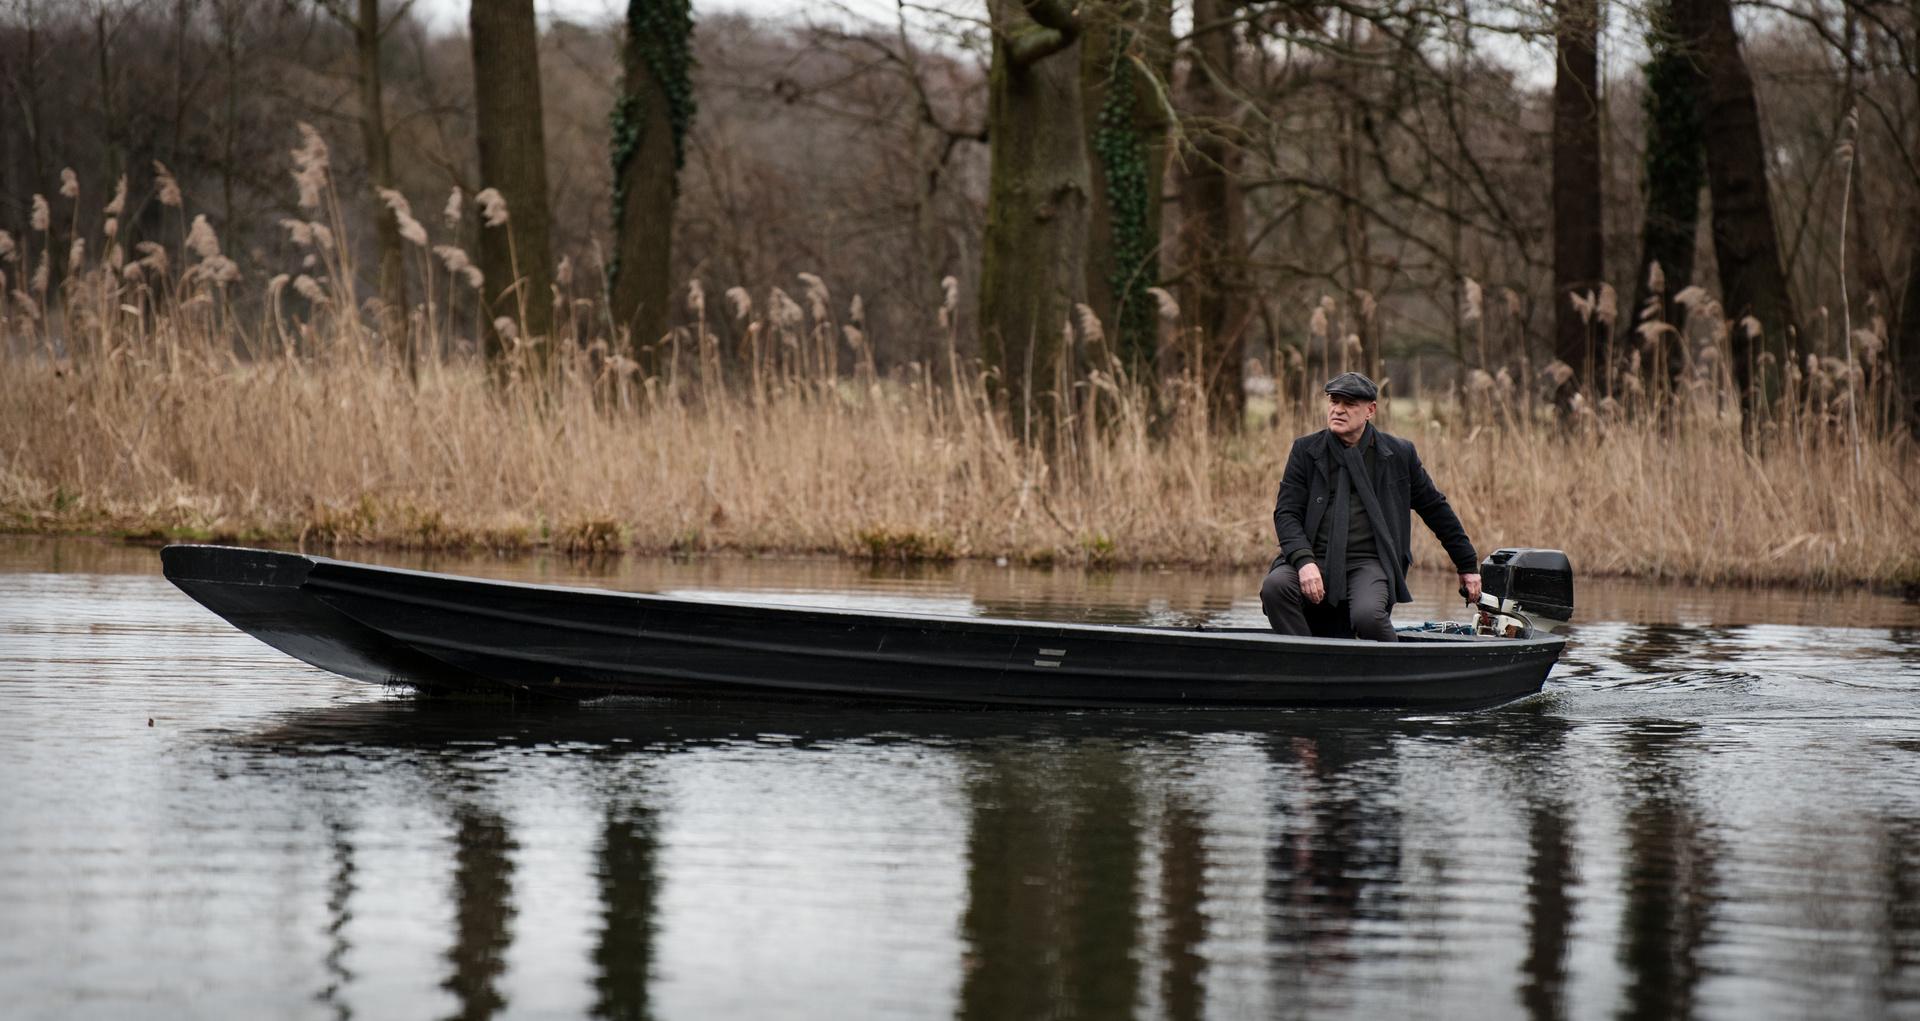 """Hinter den Kulissen des Spreewaldkrimis - Produzent Wolfgang Esser gibt Einblicke zum 13. Teil """"Totentanz"""", TKS sucht Motive regionaler Künstler."""